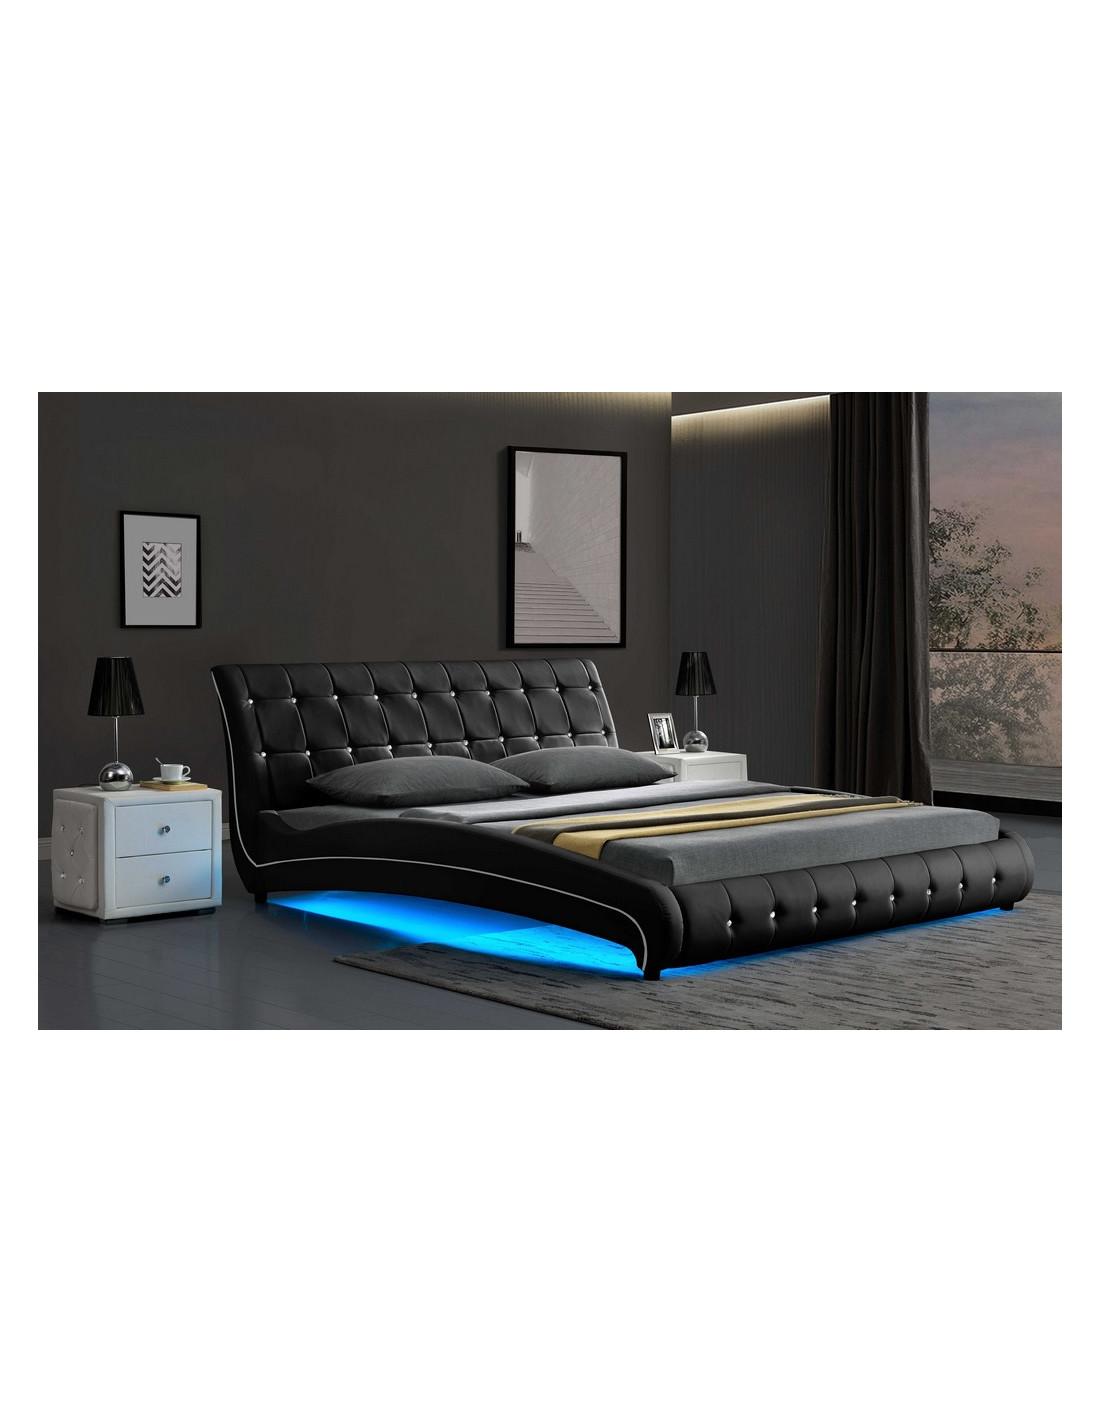 lit led kenza capitonne noir ces lits avec led creeront une atmos